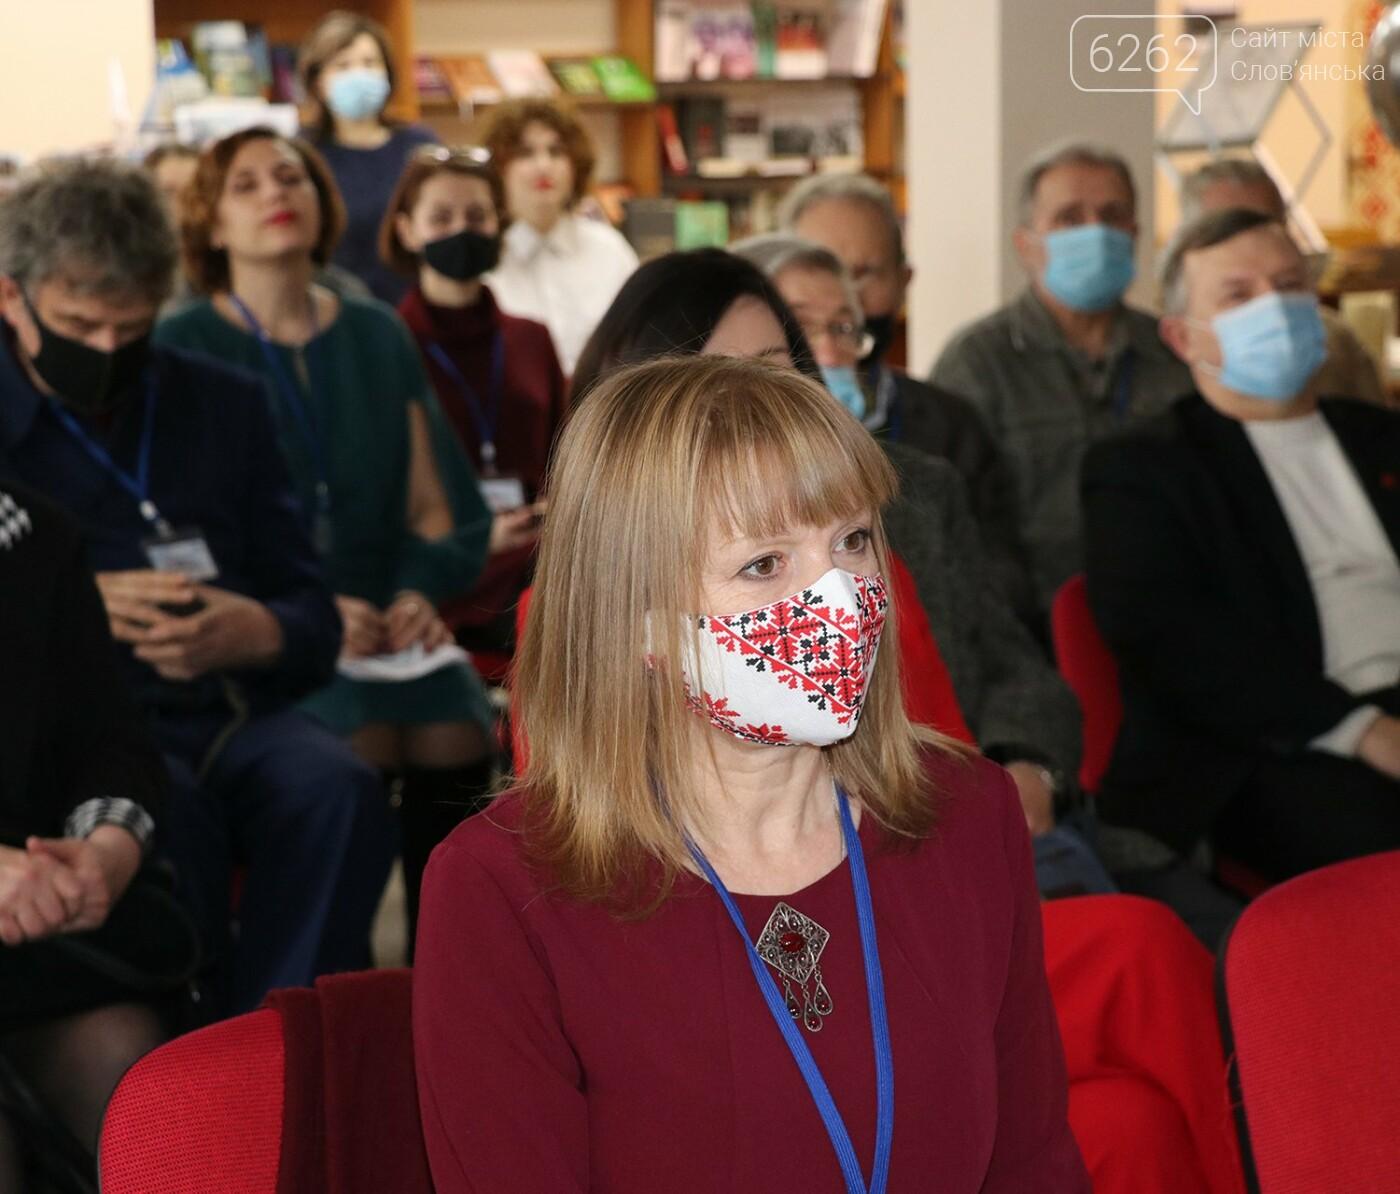 У слов'янській бібліотеці відбувся всеукраїнський фестиваль пам'яті Сосюри, фото-9